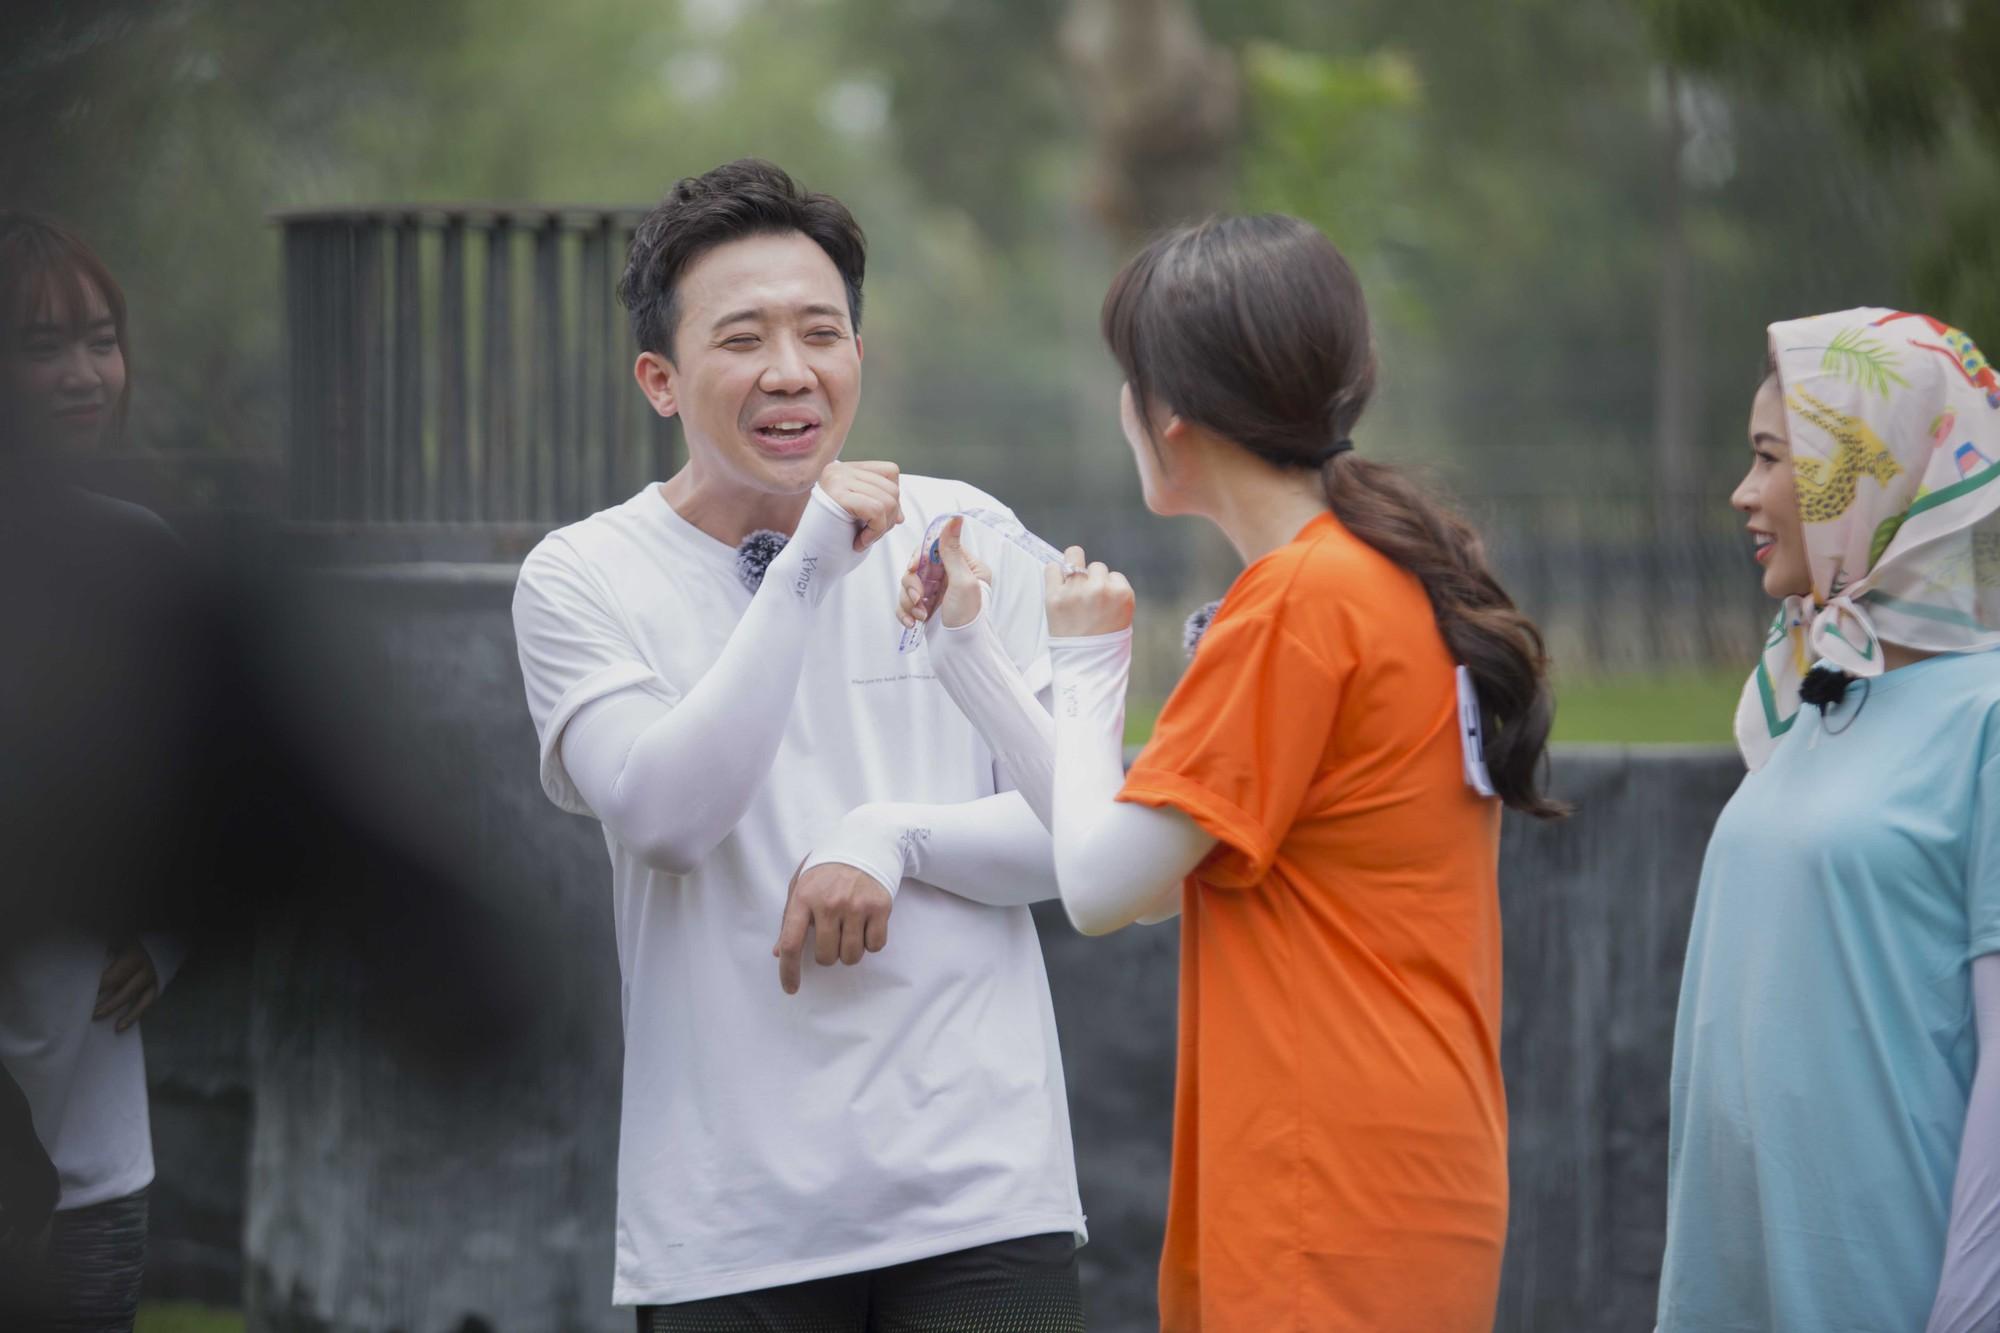 Biết Lan Ngọc sắp hôn môi Trấn Thành, Hari Won tung chiêu đánh ghen khiến ai cũng choáng-1